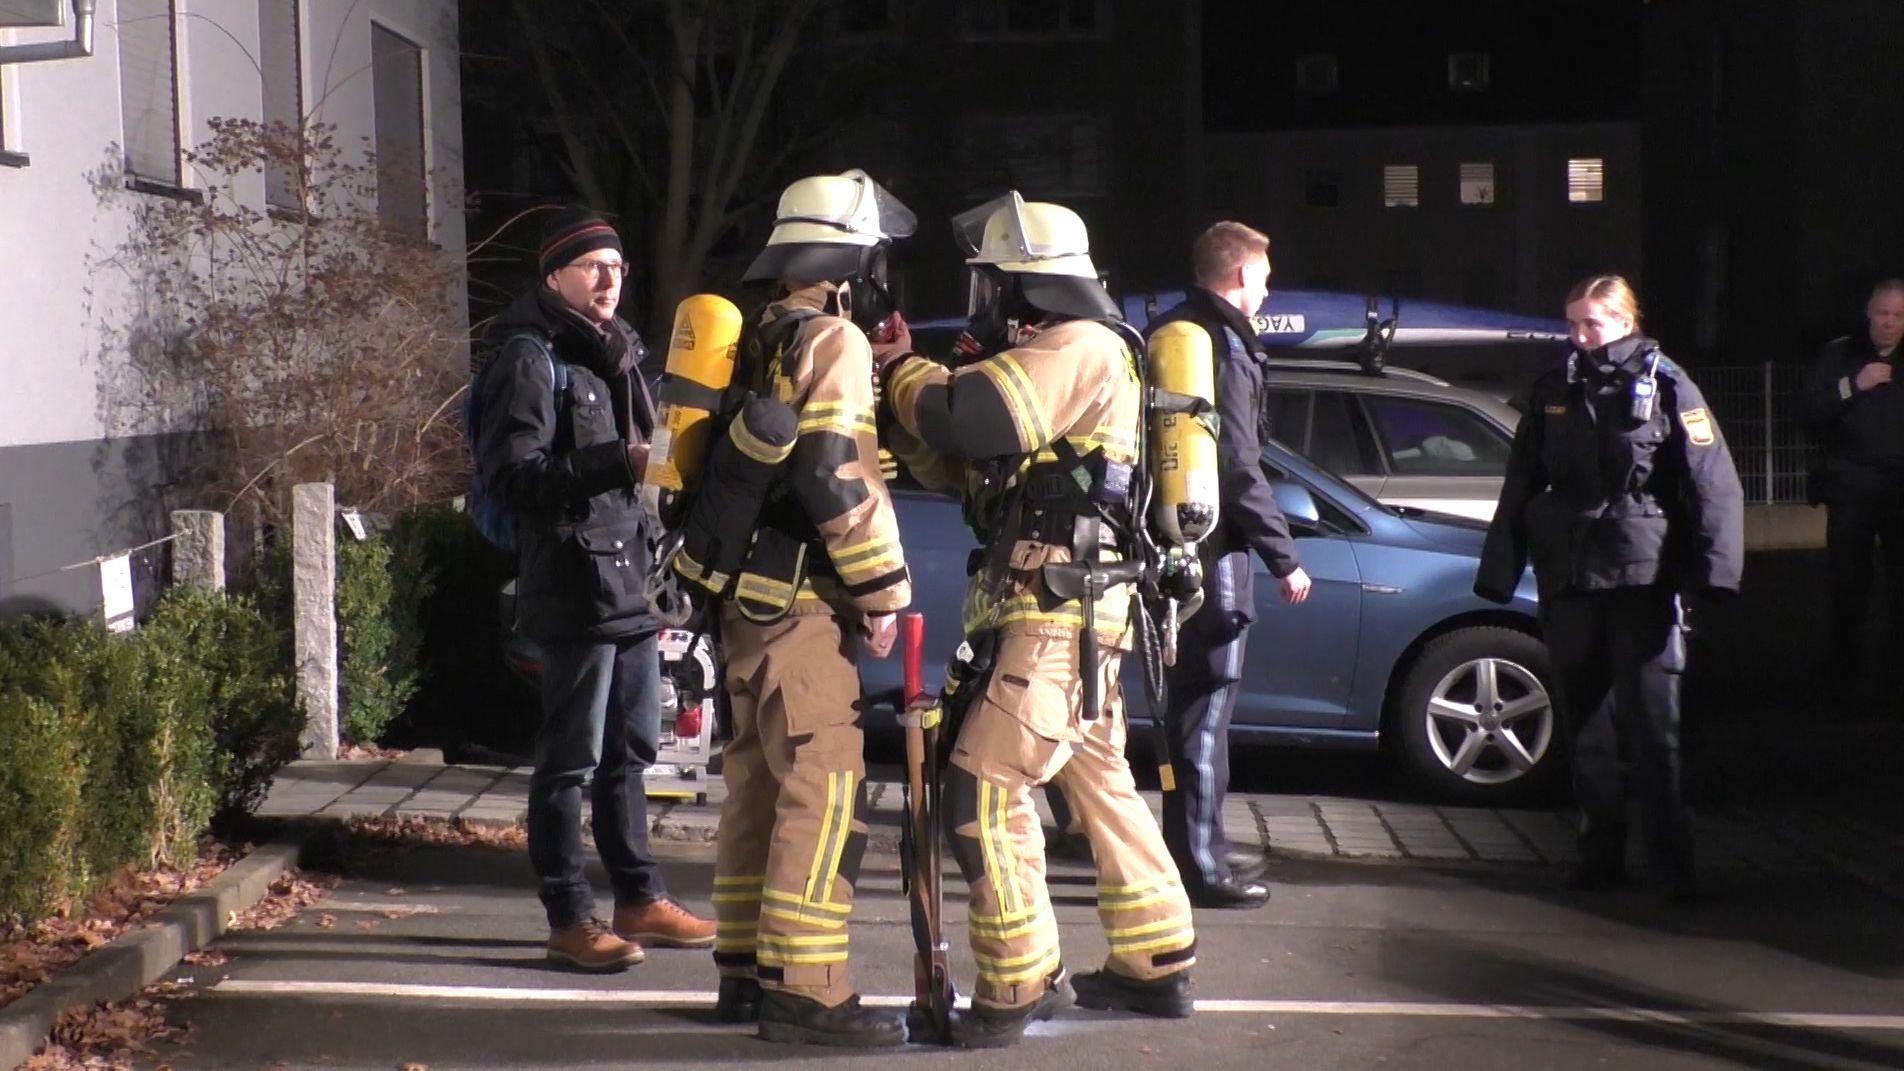 Feuerwehrleute stehen nachts auf einer Straße